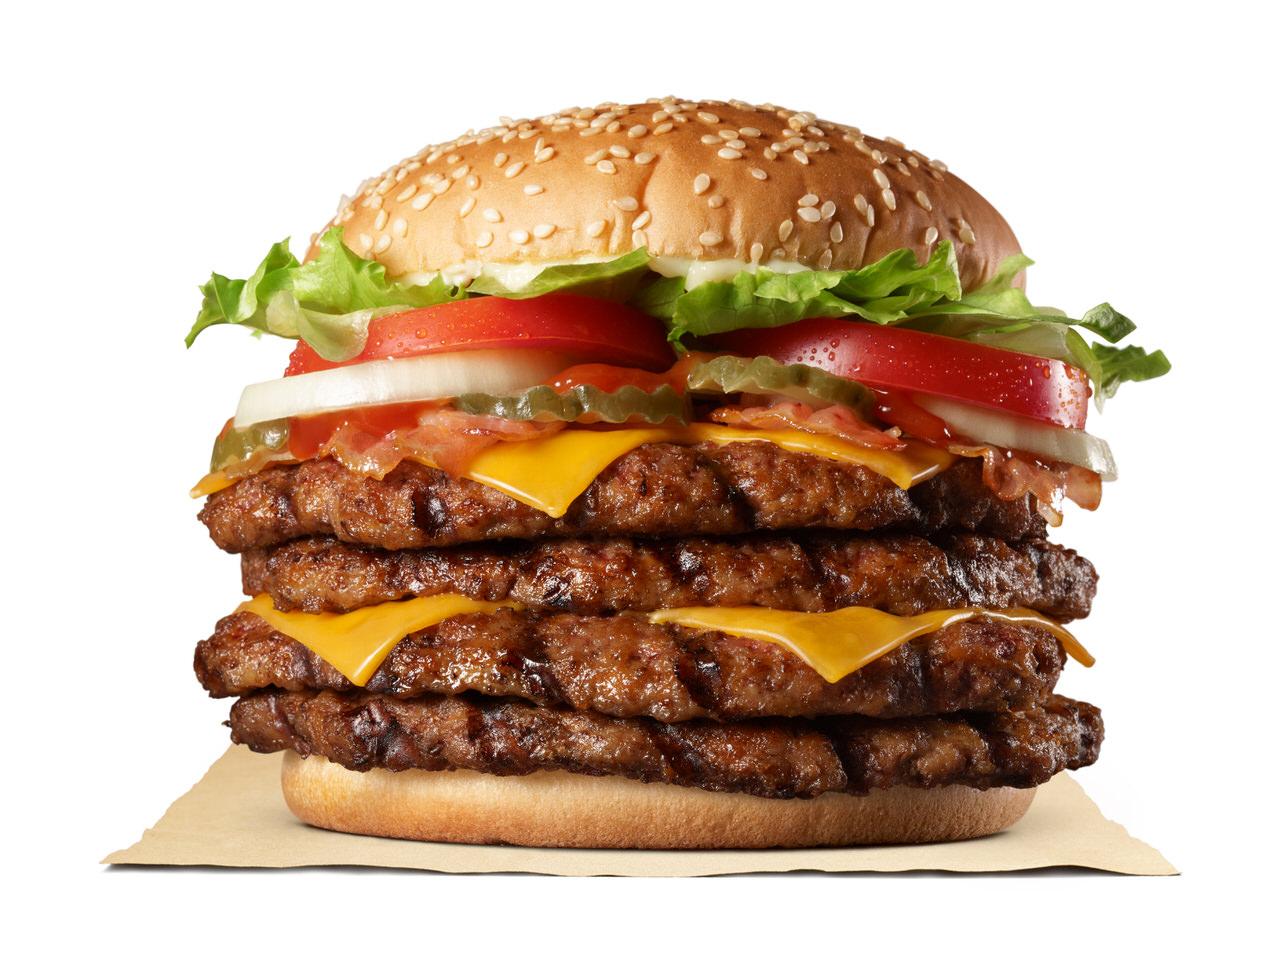 Burger king extreme 202011 4